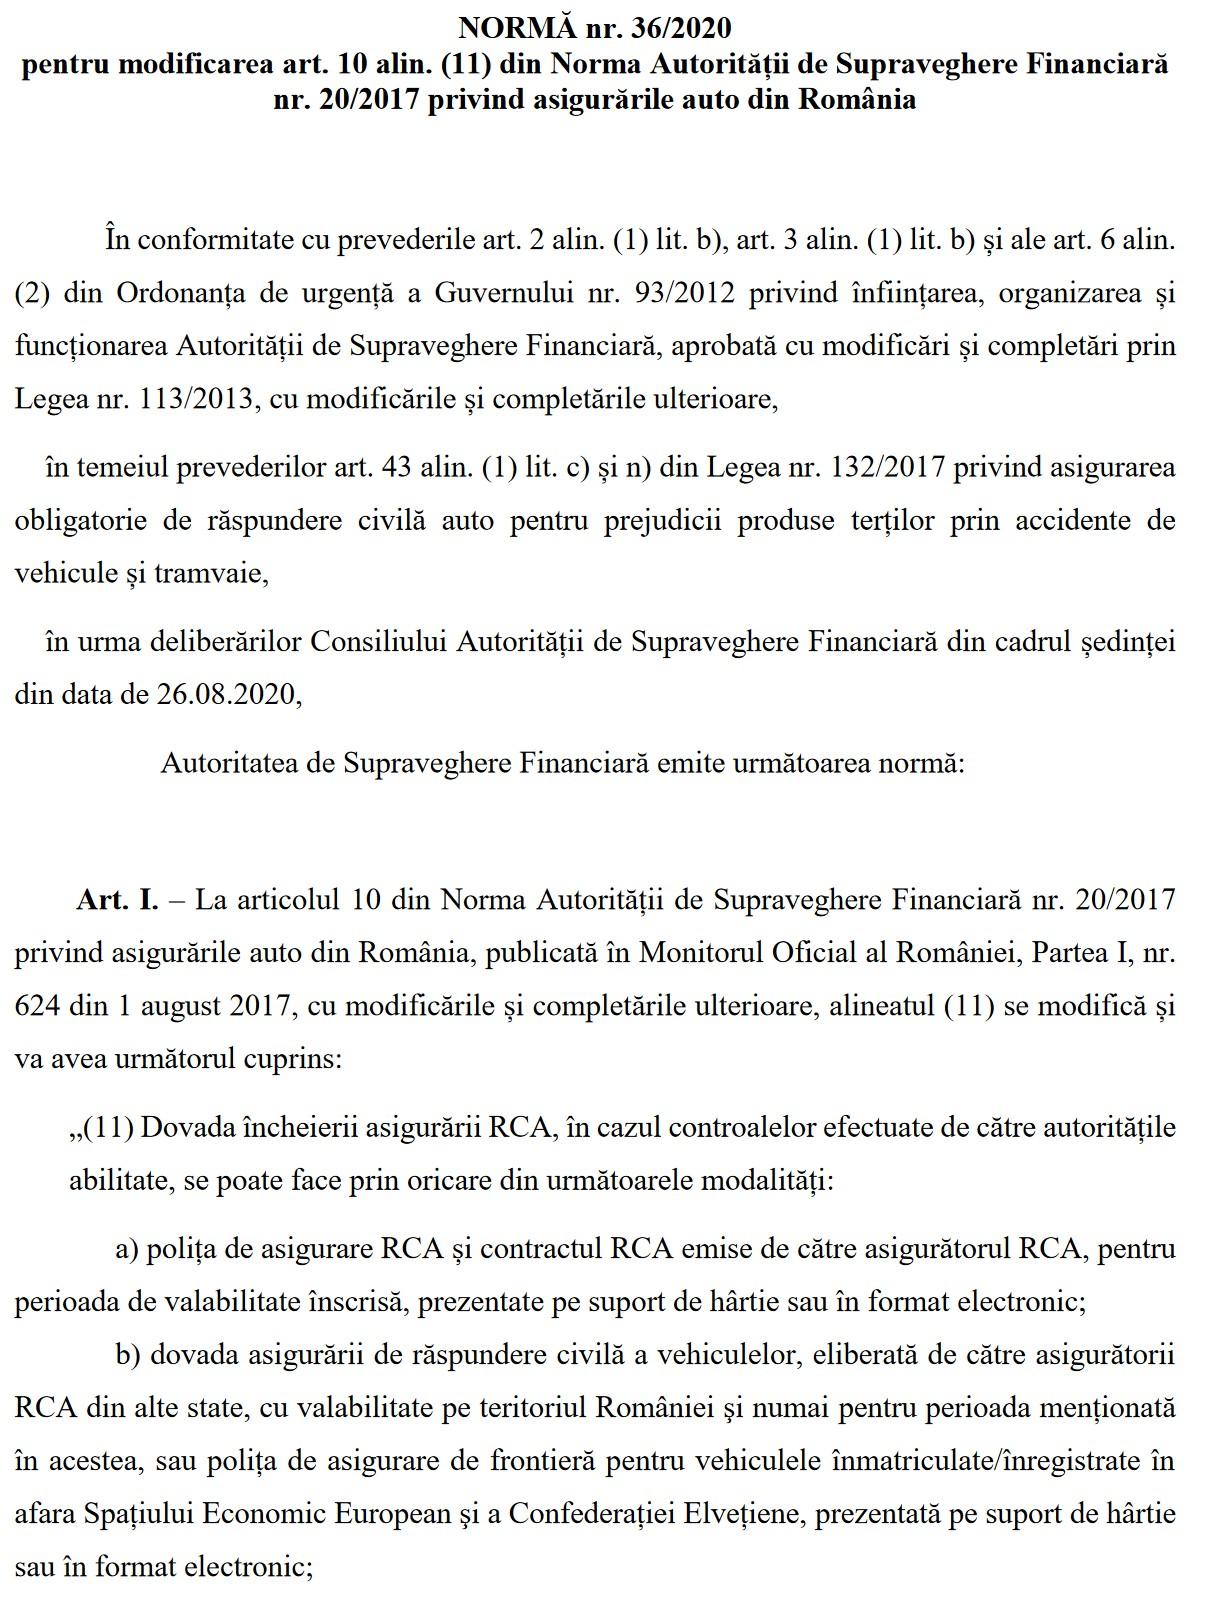 NORMĂ nr. 36/2020 pentru modificarea art. 10 alin. (11) din Norma Autorității de Supraveghere Financiară nr. 20/2017 privind asigurările auto din România